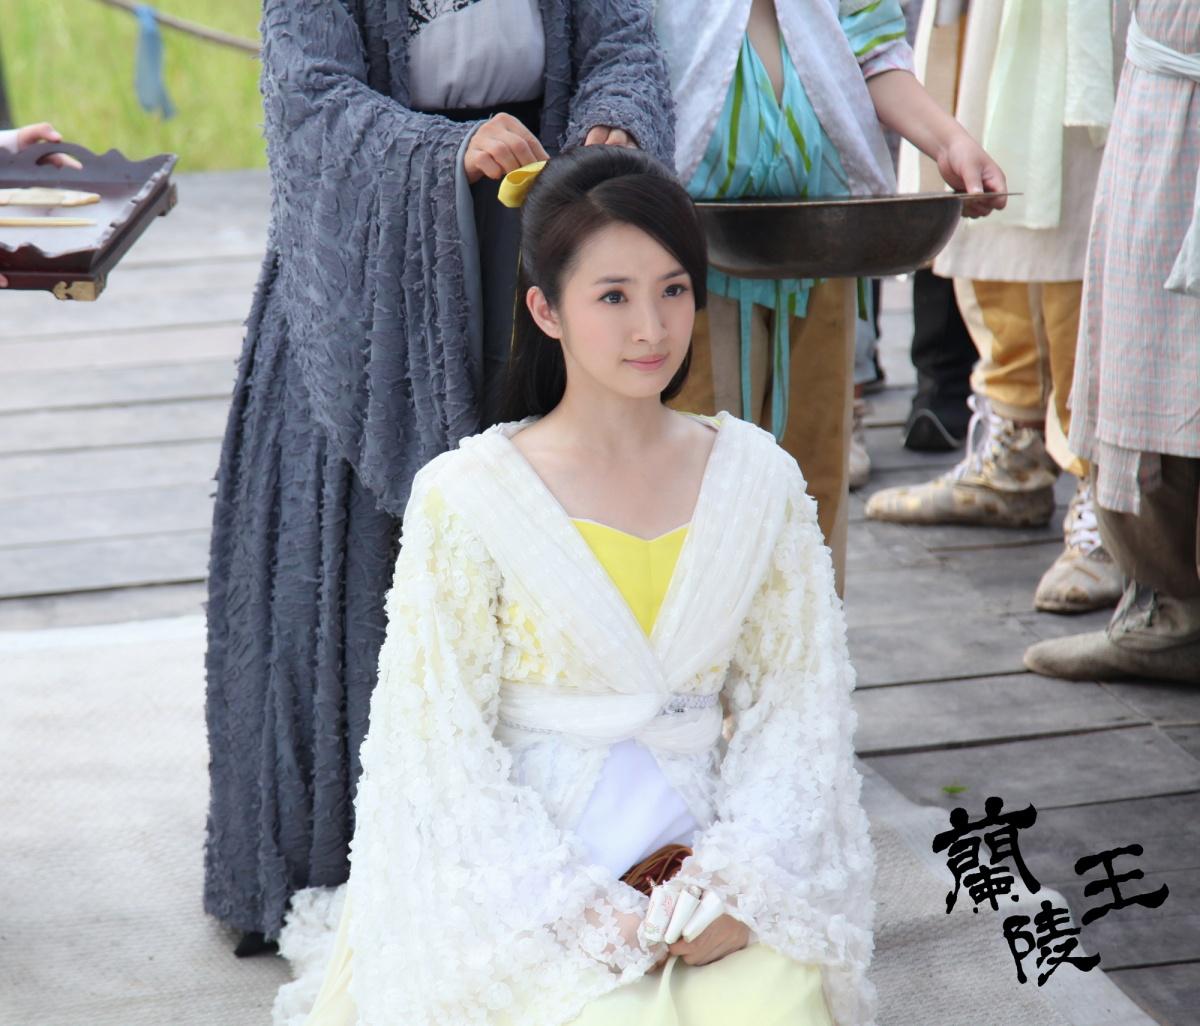 http://st-im.kinopoisk.ru/im/kadr/2/3/4/kinopoisk.ru-Lan-Ling-Wang-2340921.jpg